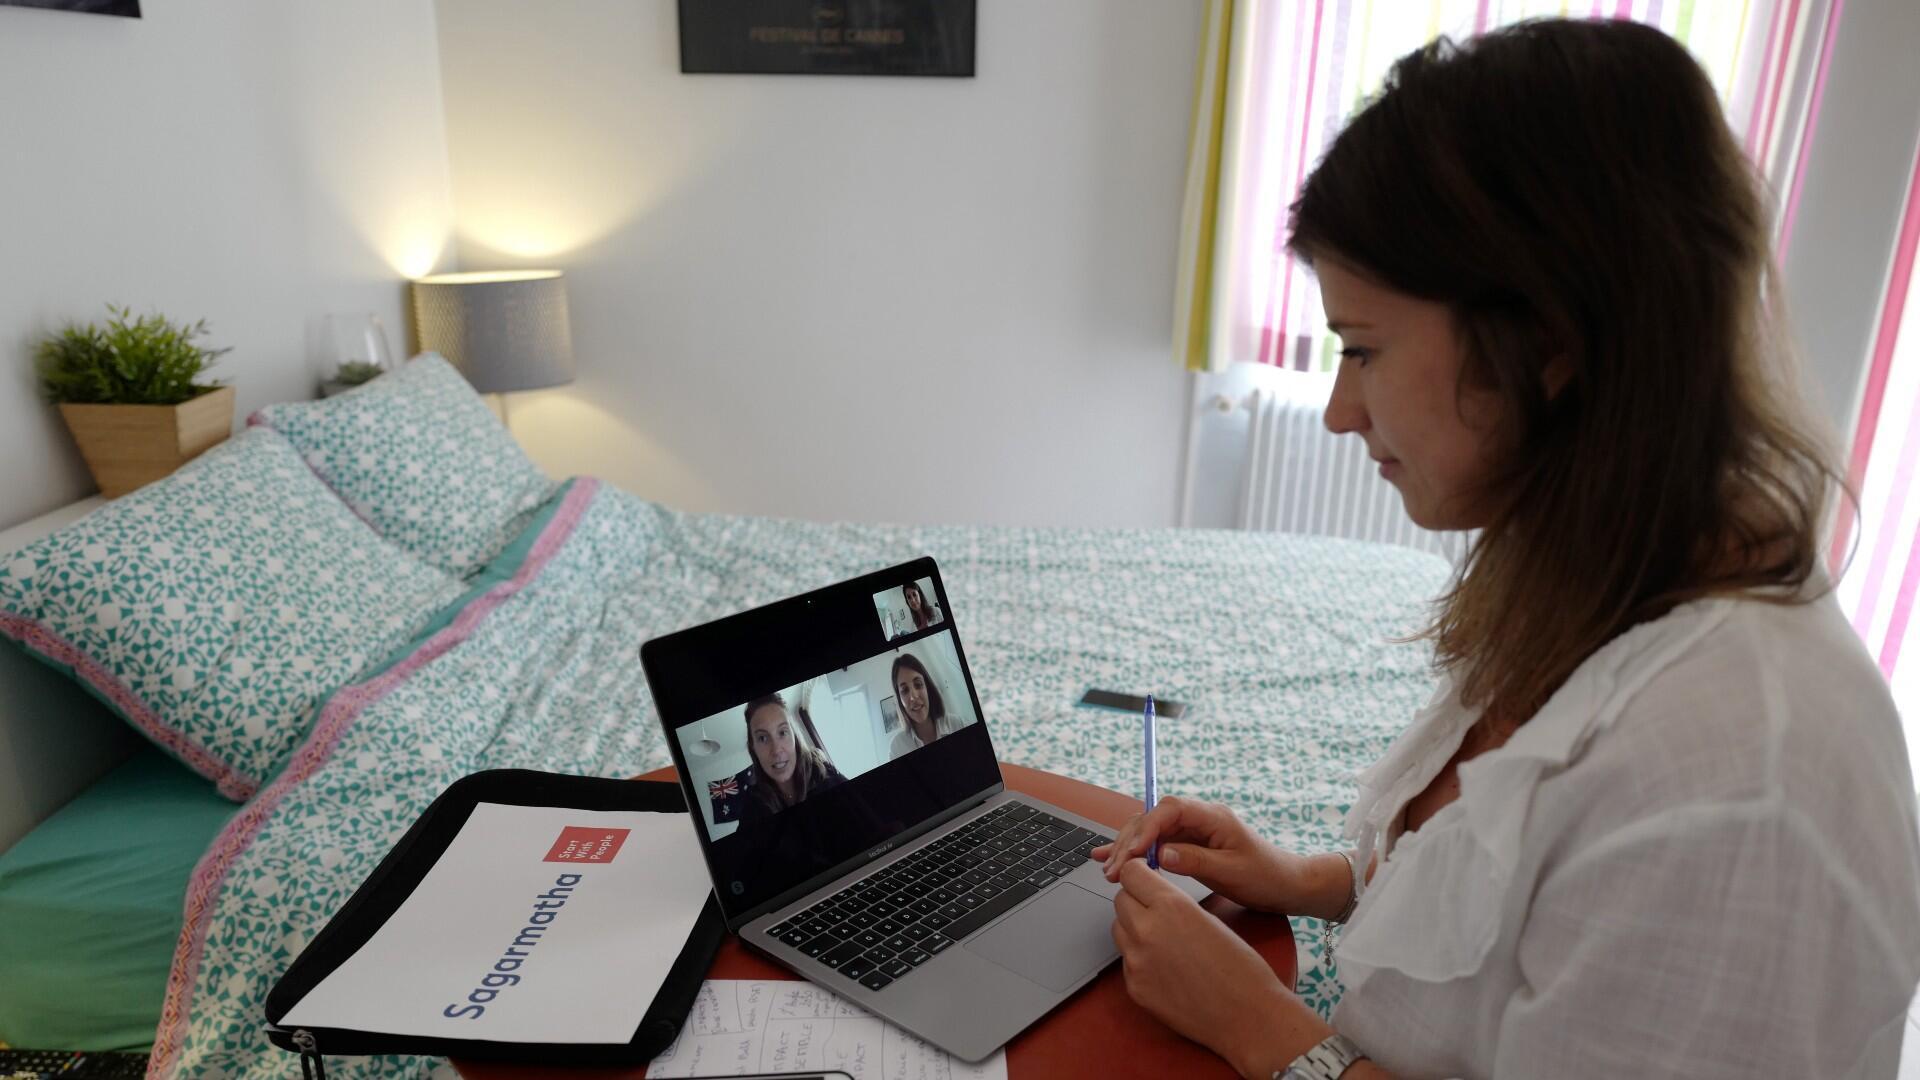 Manon, empleada del grupo de relaciones públicas Sagarmatha - Rayuela, se conecta con sus colegas en París a través de un videollamada en casa, en la ciudad de Niza, Francia, el 15 de mayo de 2020.